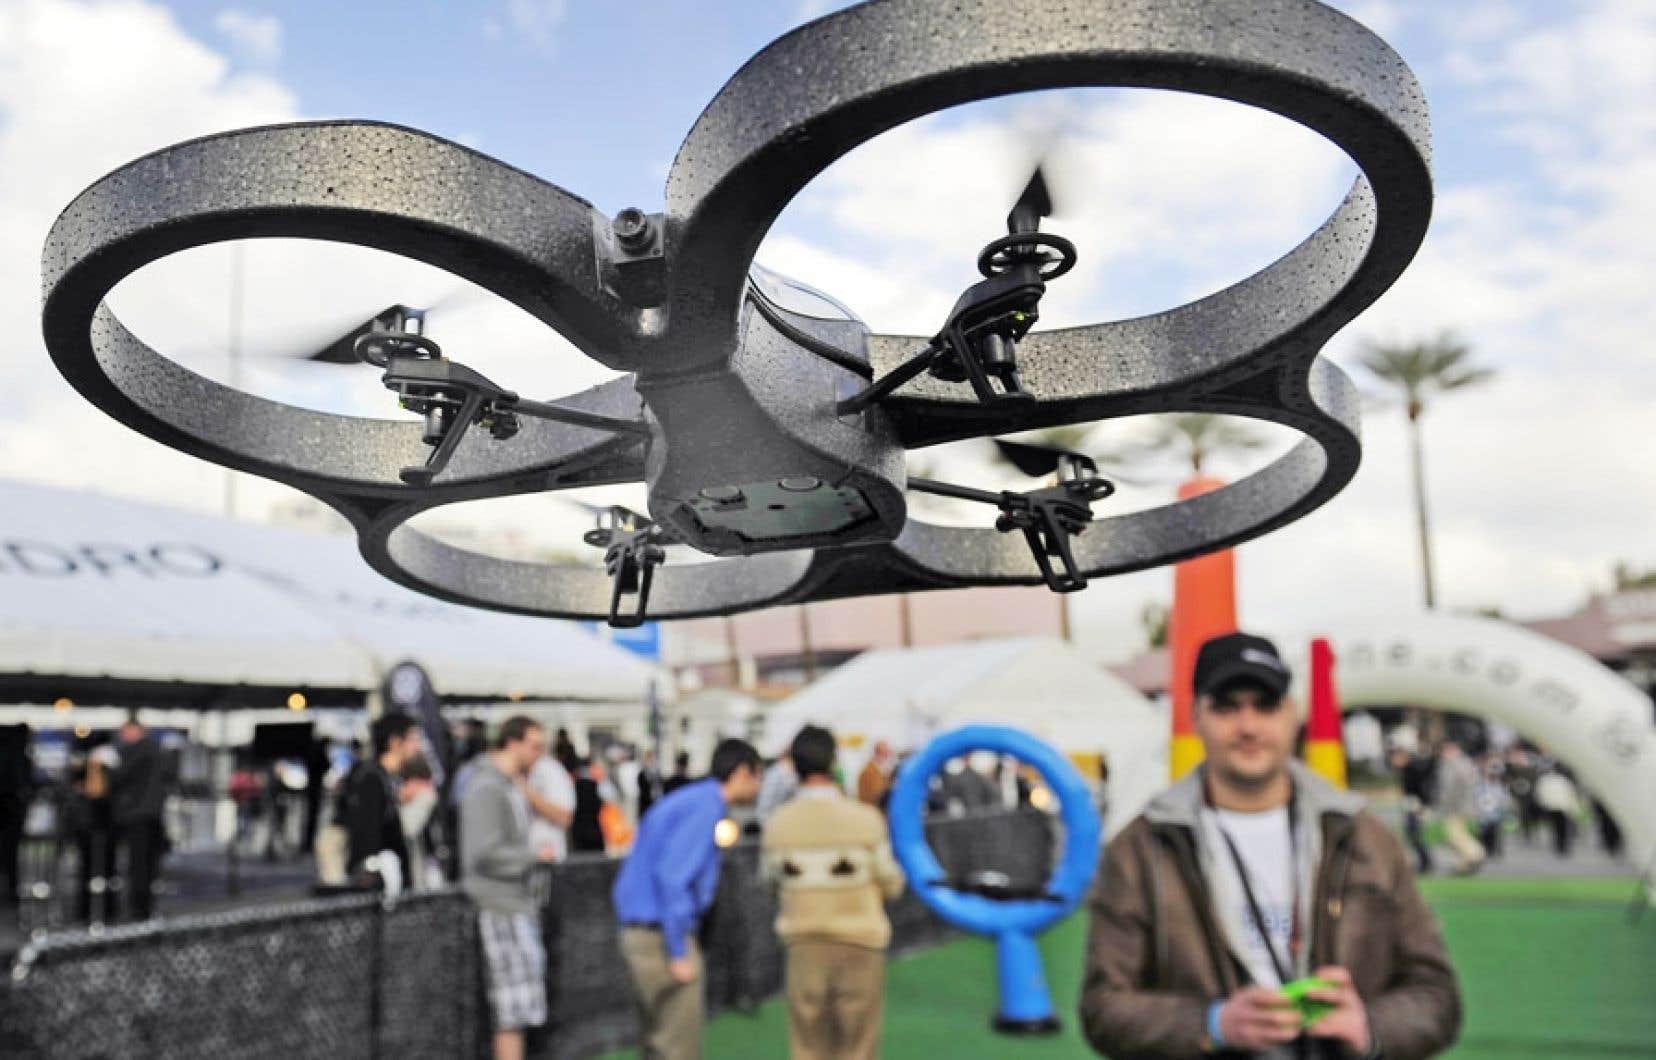 Un de ces petits drones, celui-ci contrôlé à partir d'un téléphone cellulaire